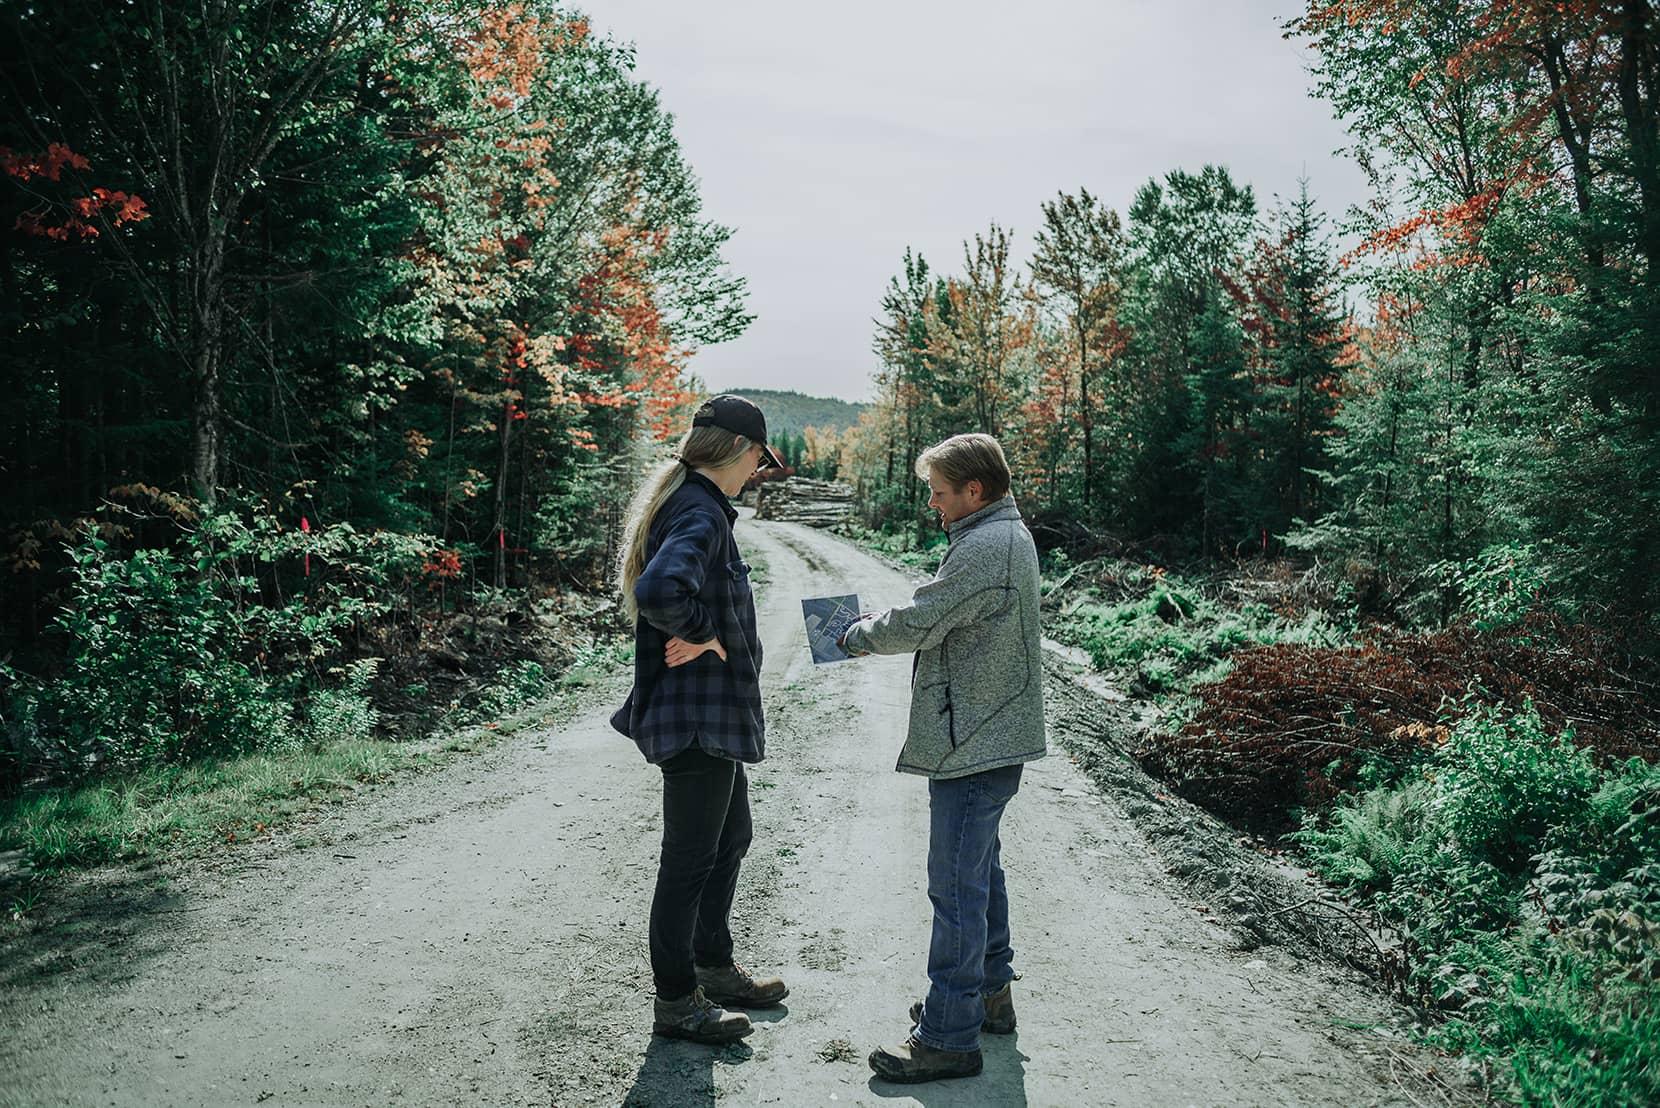 Laforêt - Planification forestière et visite-conseil